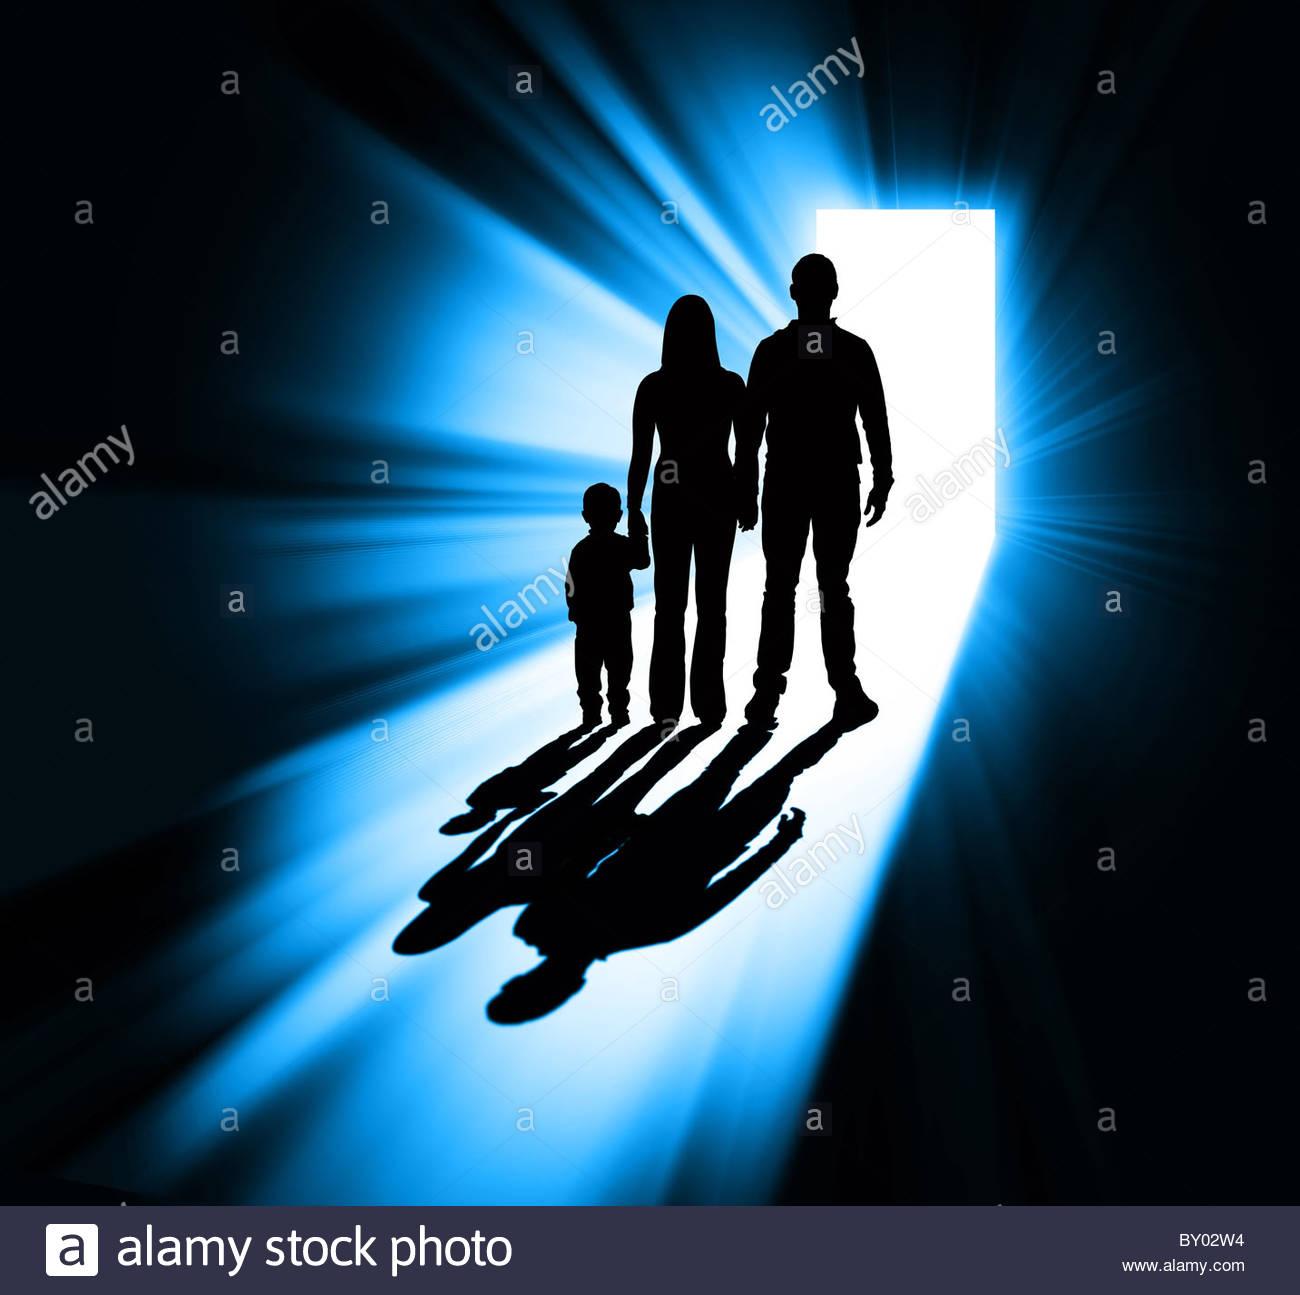 Familie Silhouette in Tür Stockbild